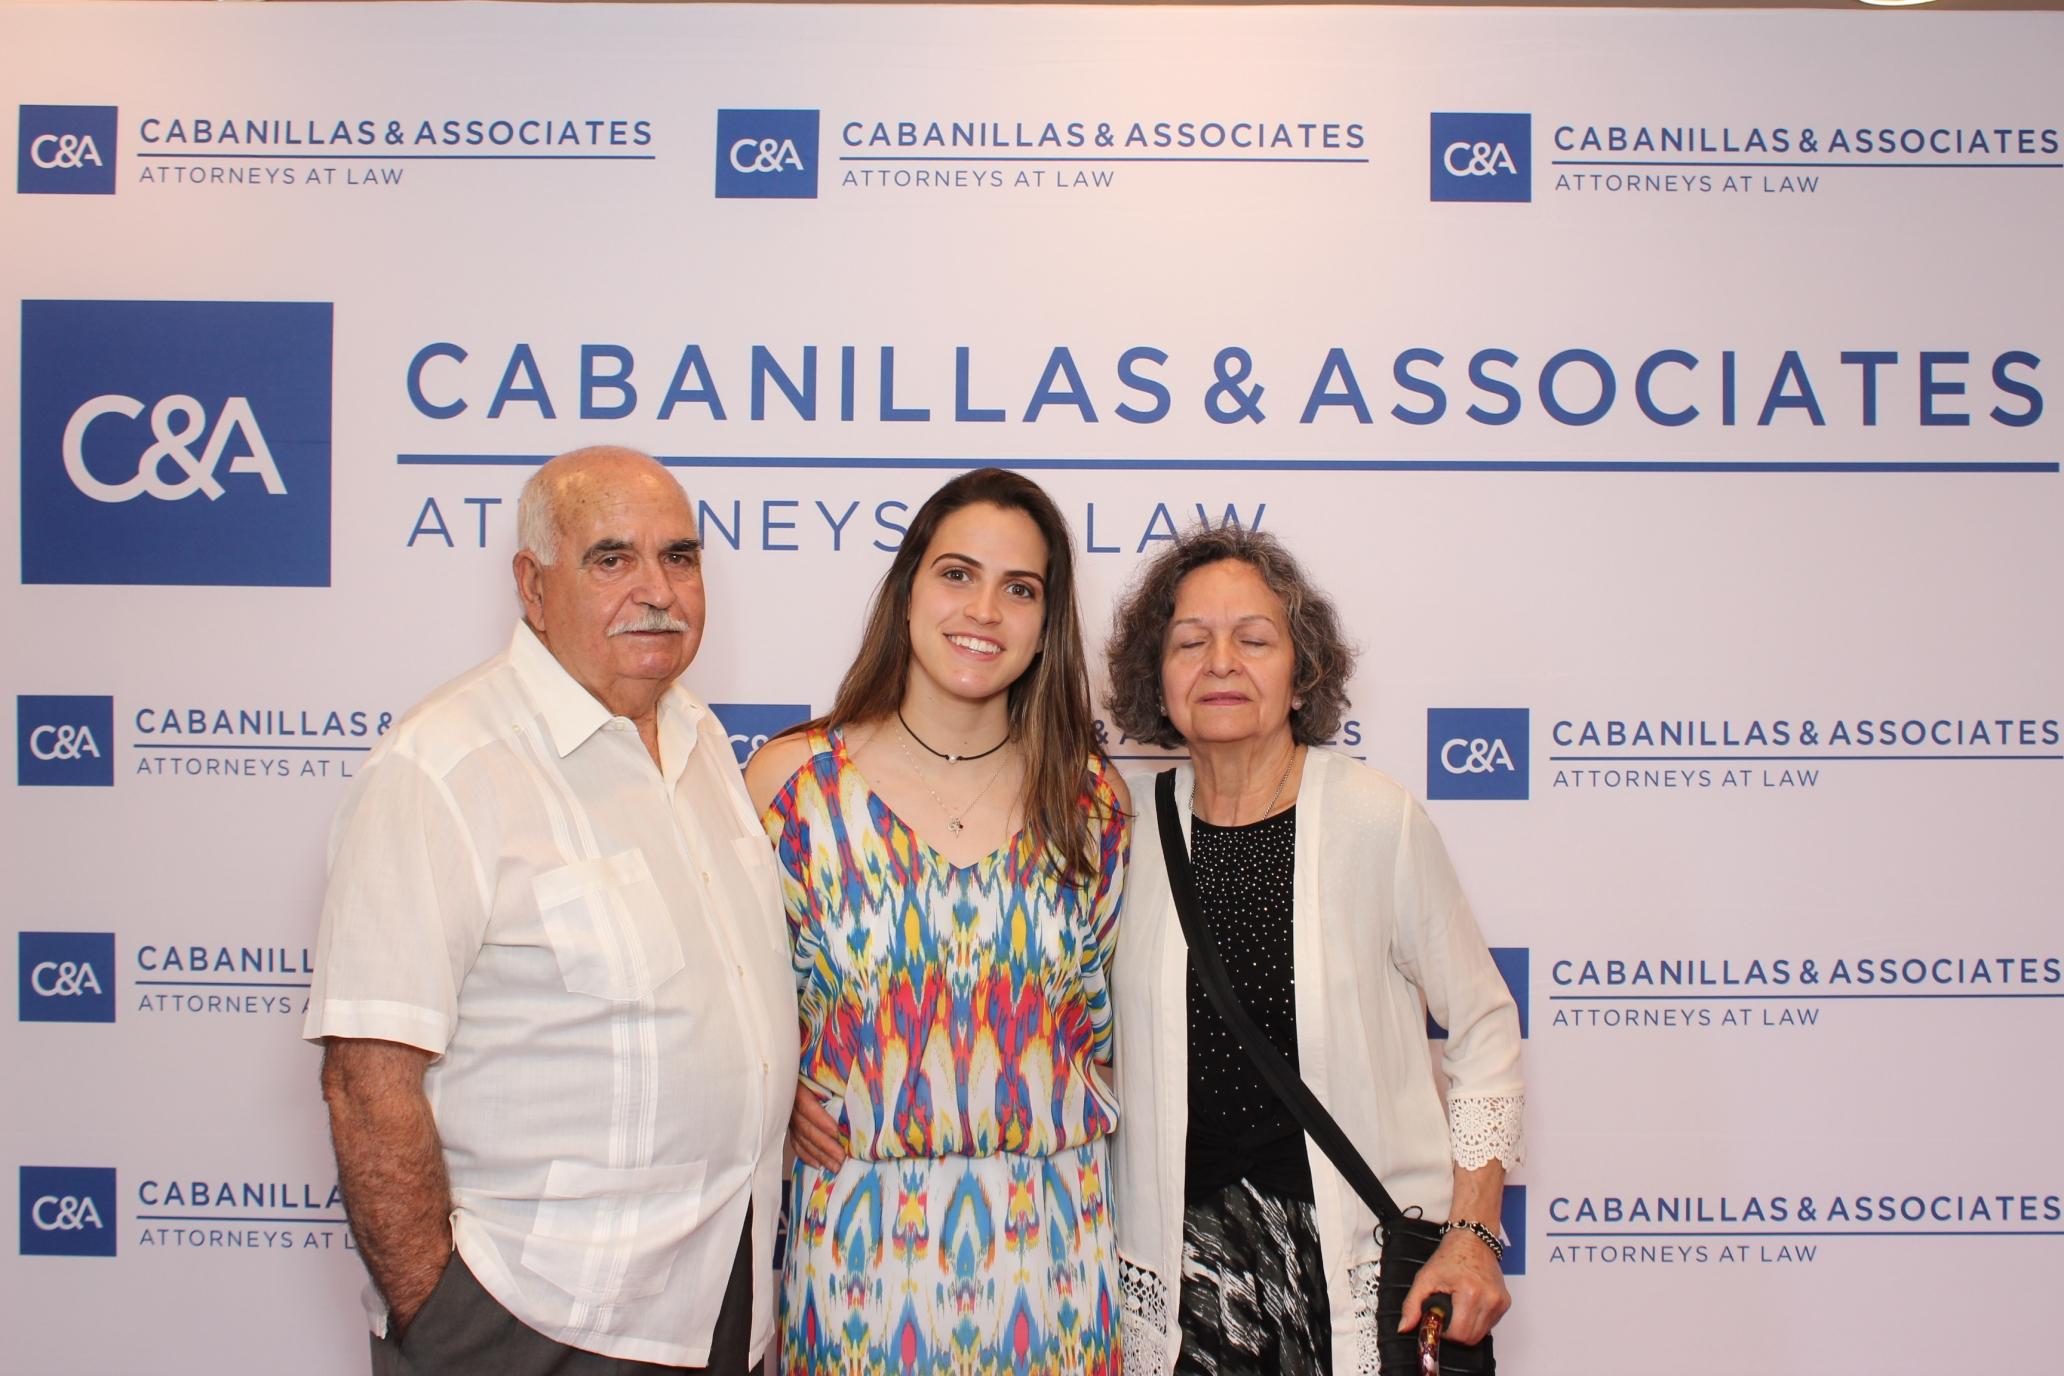 Cabanillas2018_2018-06-14_18-33-14.jpg